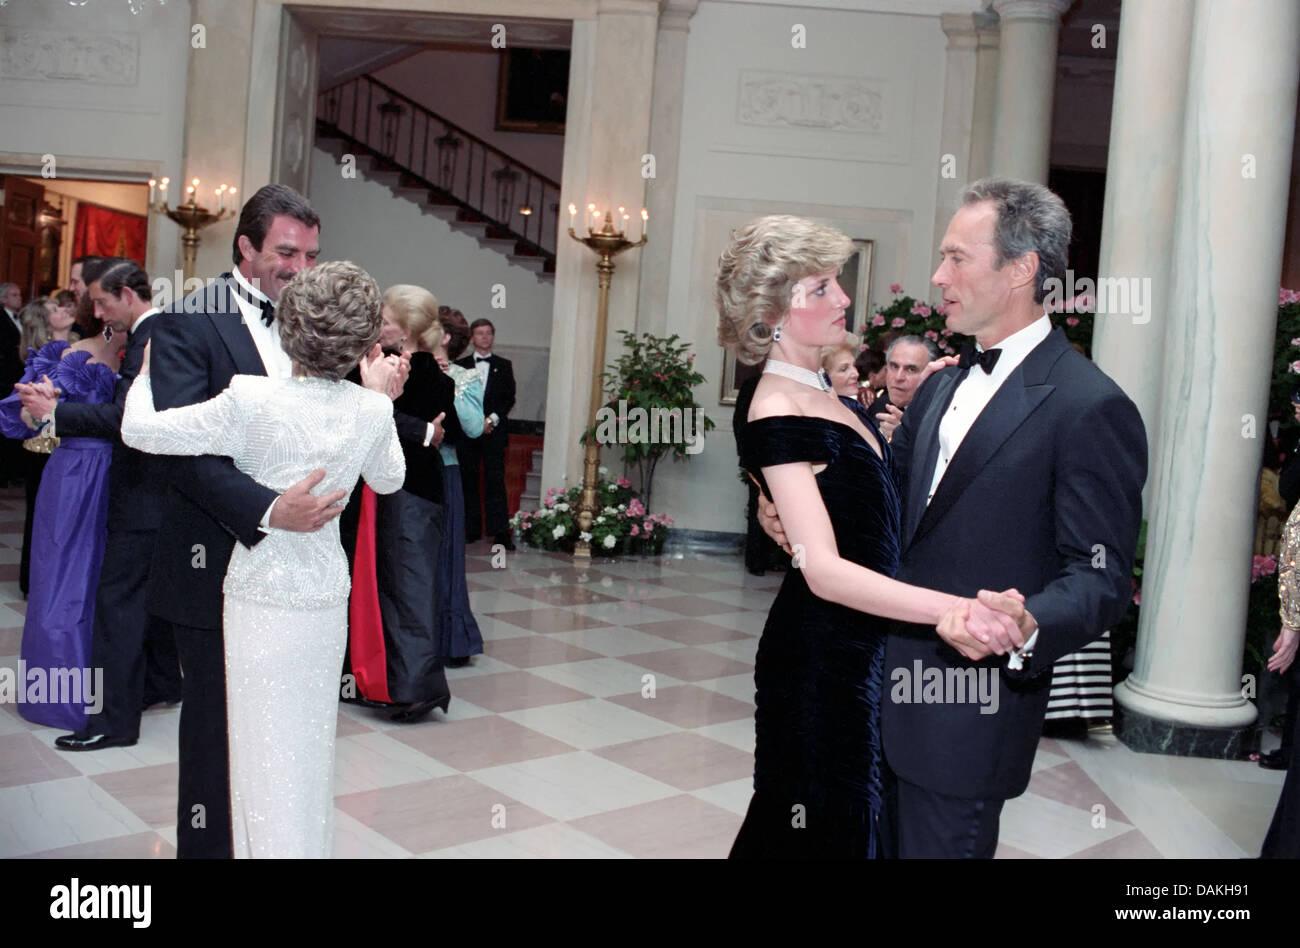 Diana, Princess of Wales Tänze mit Schauspieler Clint Eastwood als First Lady Nancy Reagan Tänze mit dem Schauspieler Tom Selleck beim White House Gala Dinner 9. November 1985 in Washington, DC. Stockfoto